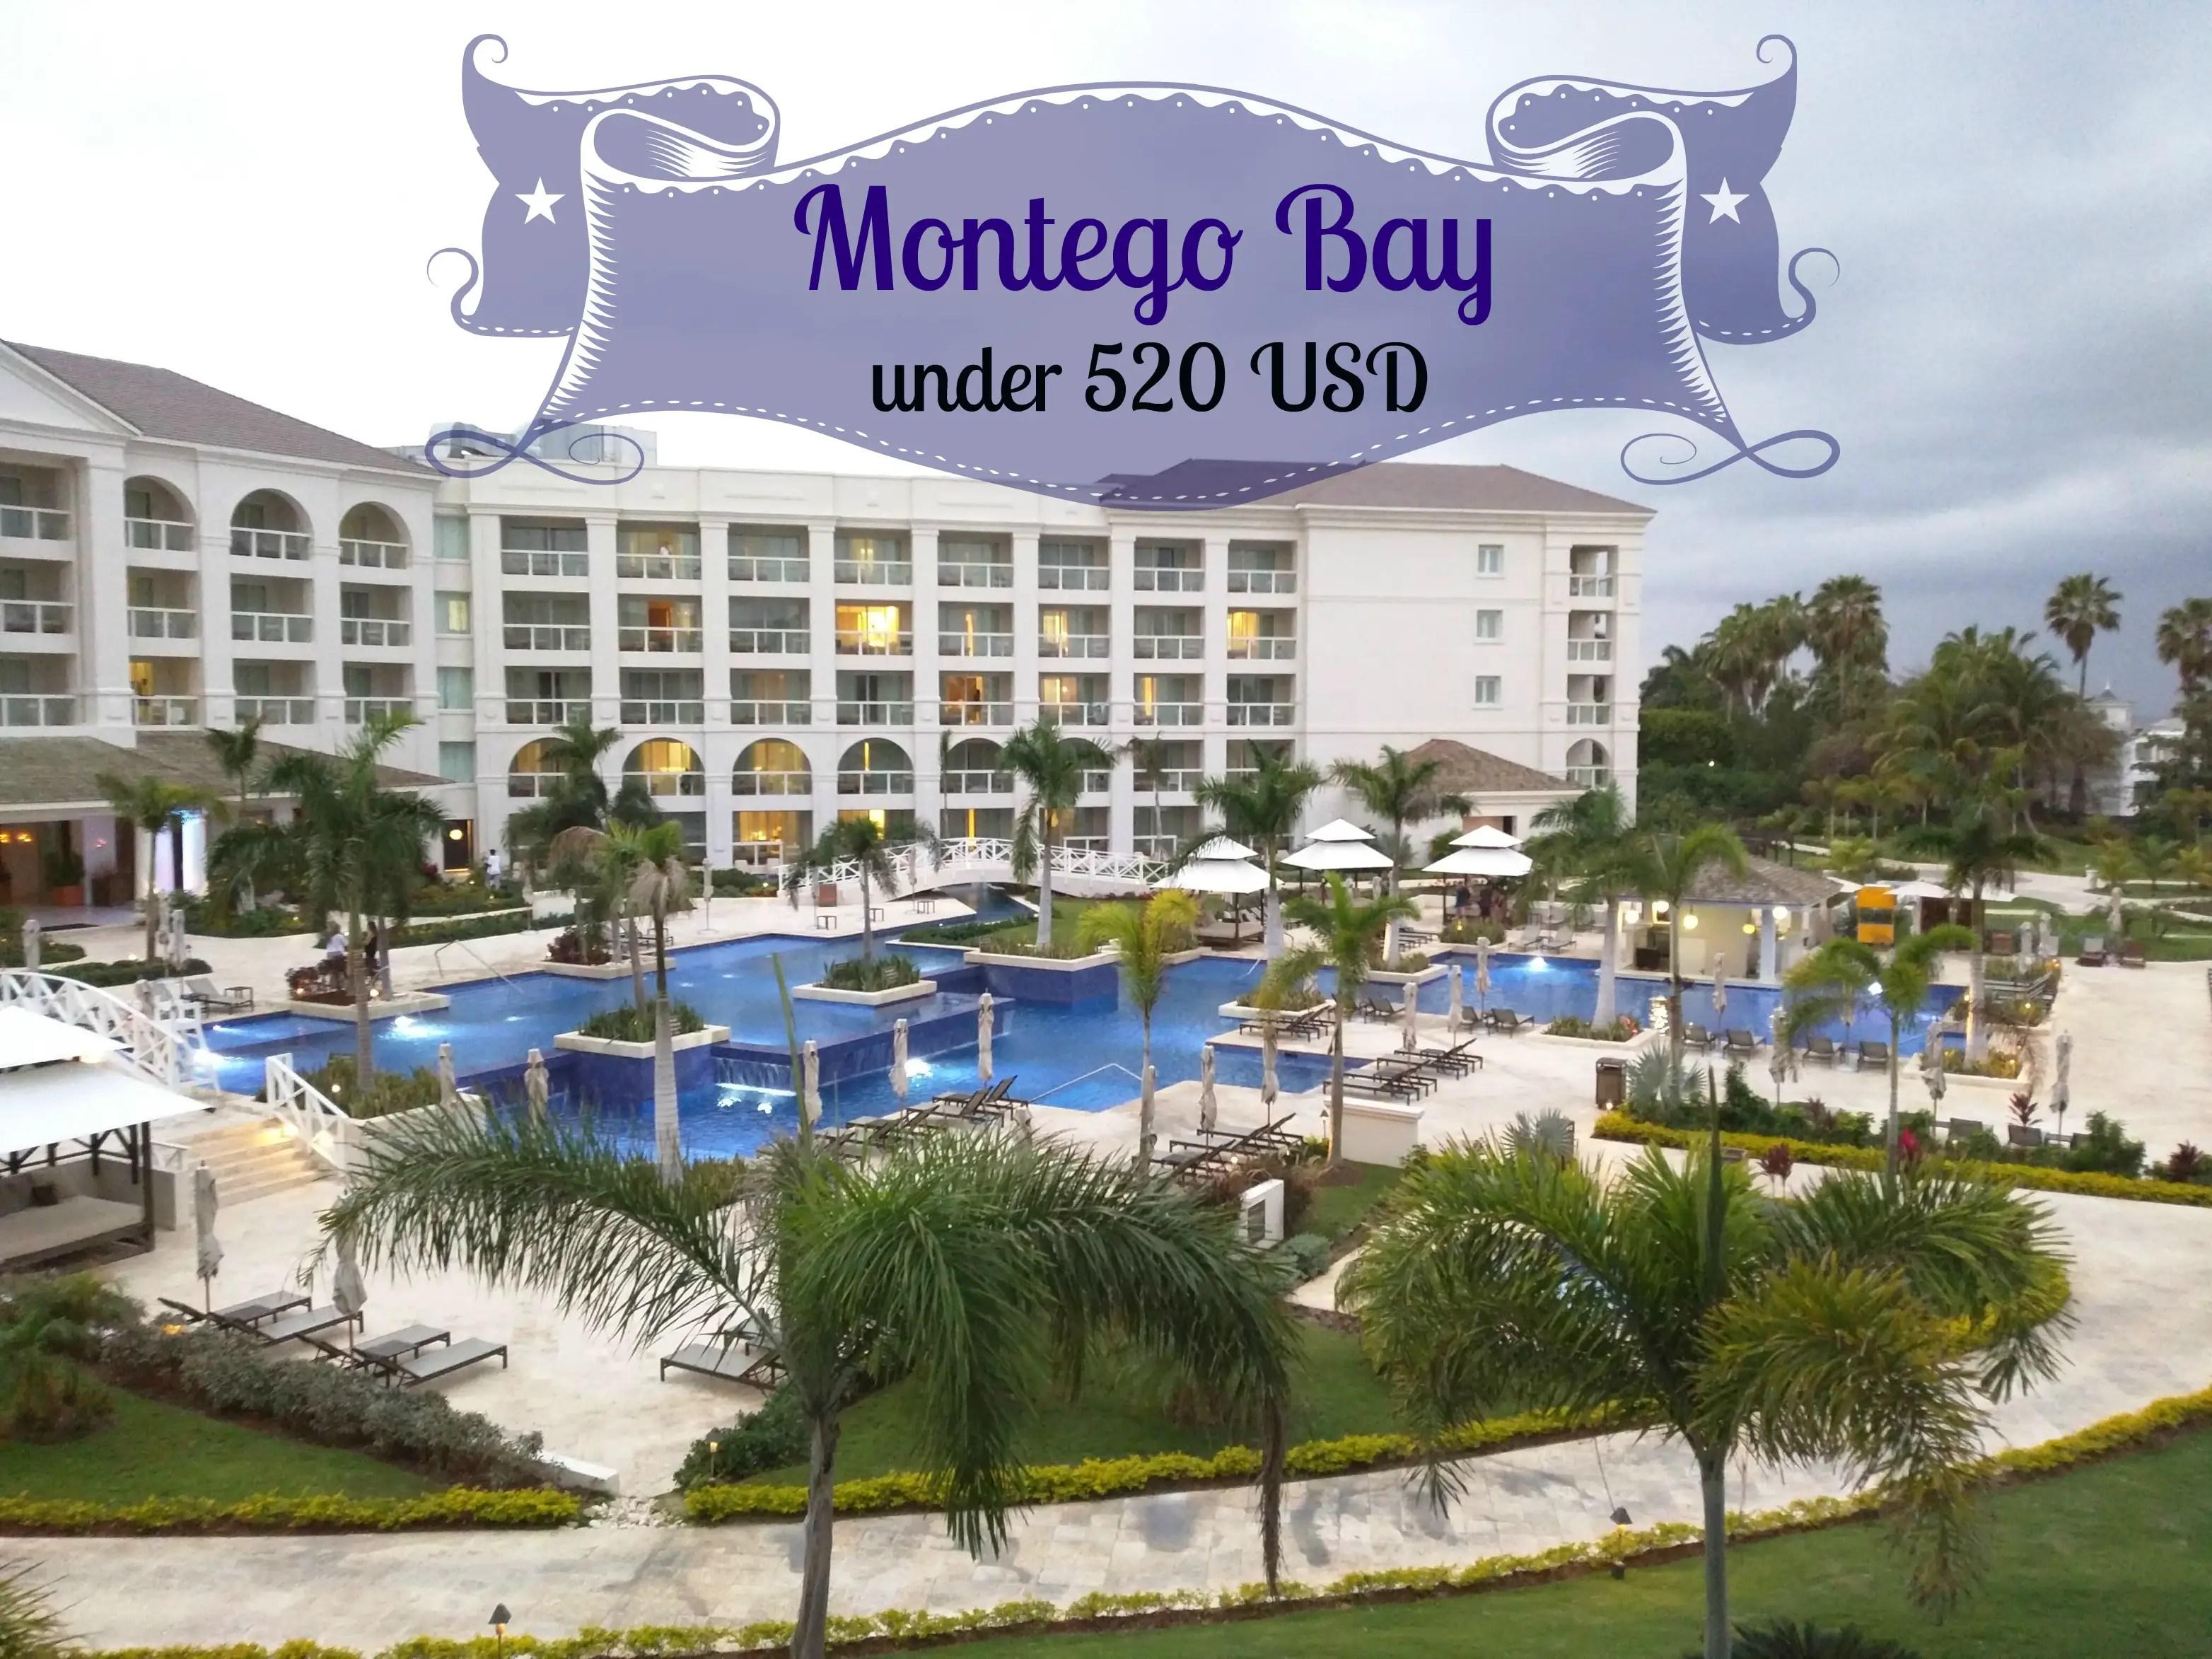 Montego Bay Jamaica Under 520 USD